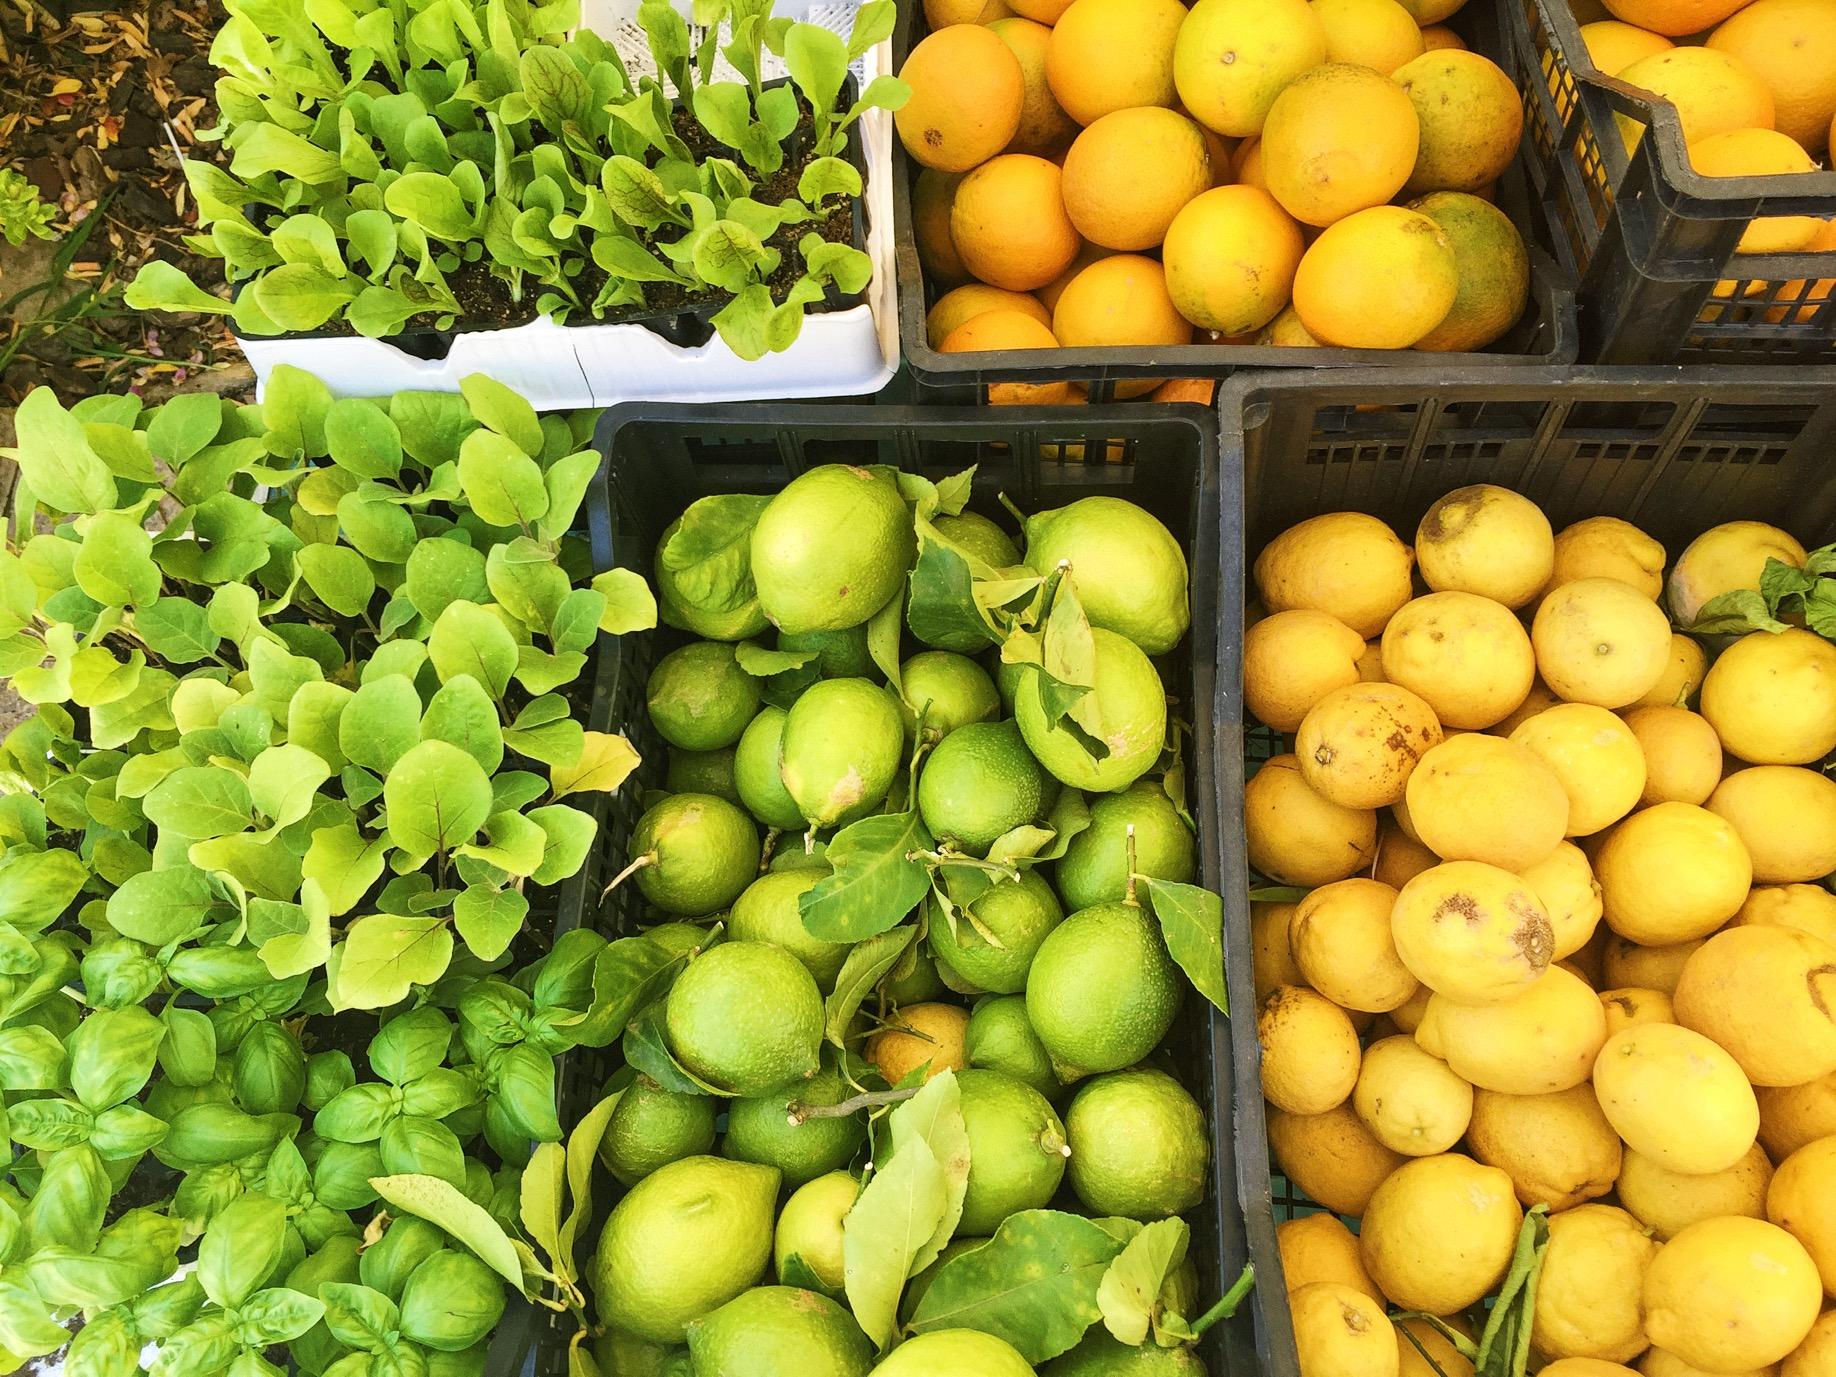 Ein Traum von Obst und Gemüse.